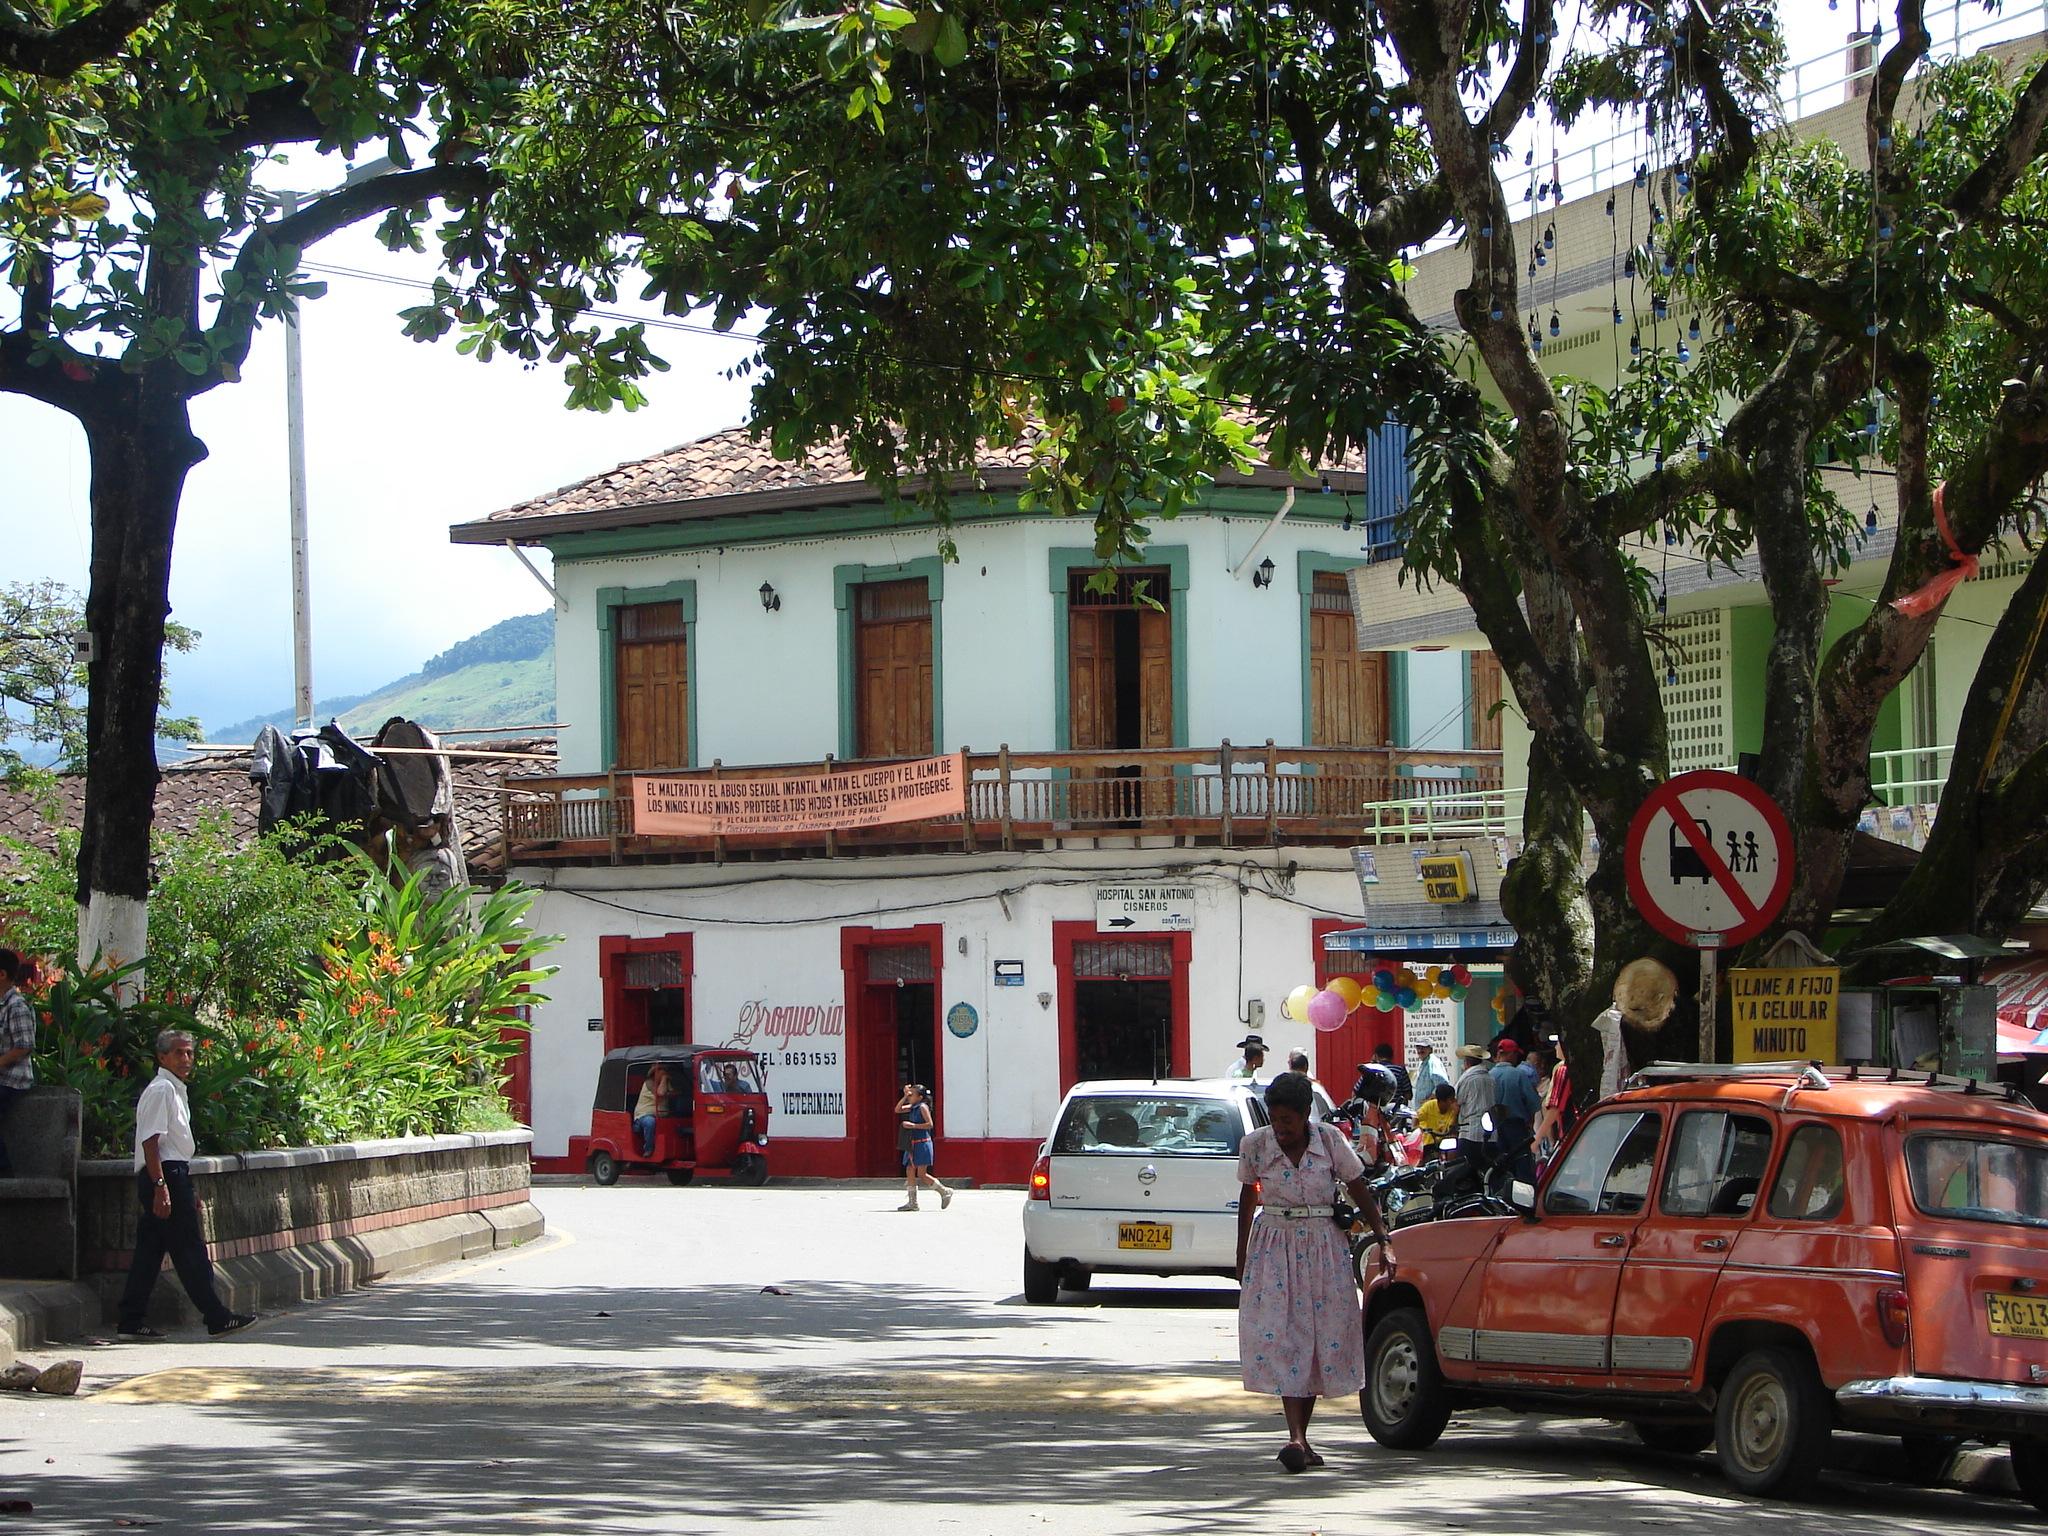 Aliste el carriel y poncho: Cisneros (Antioquía) está de fiesta popular